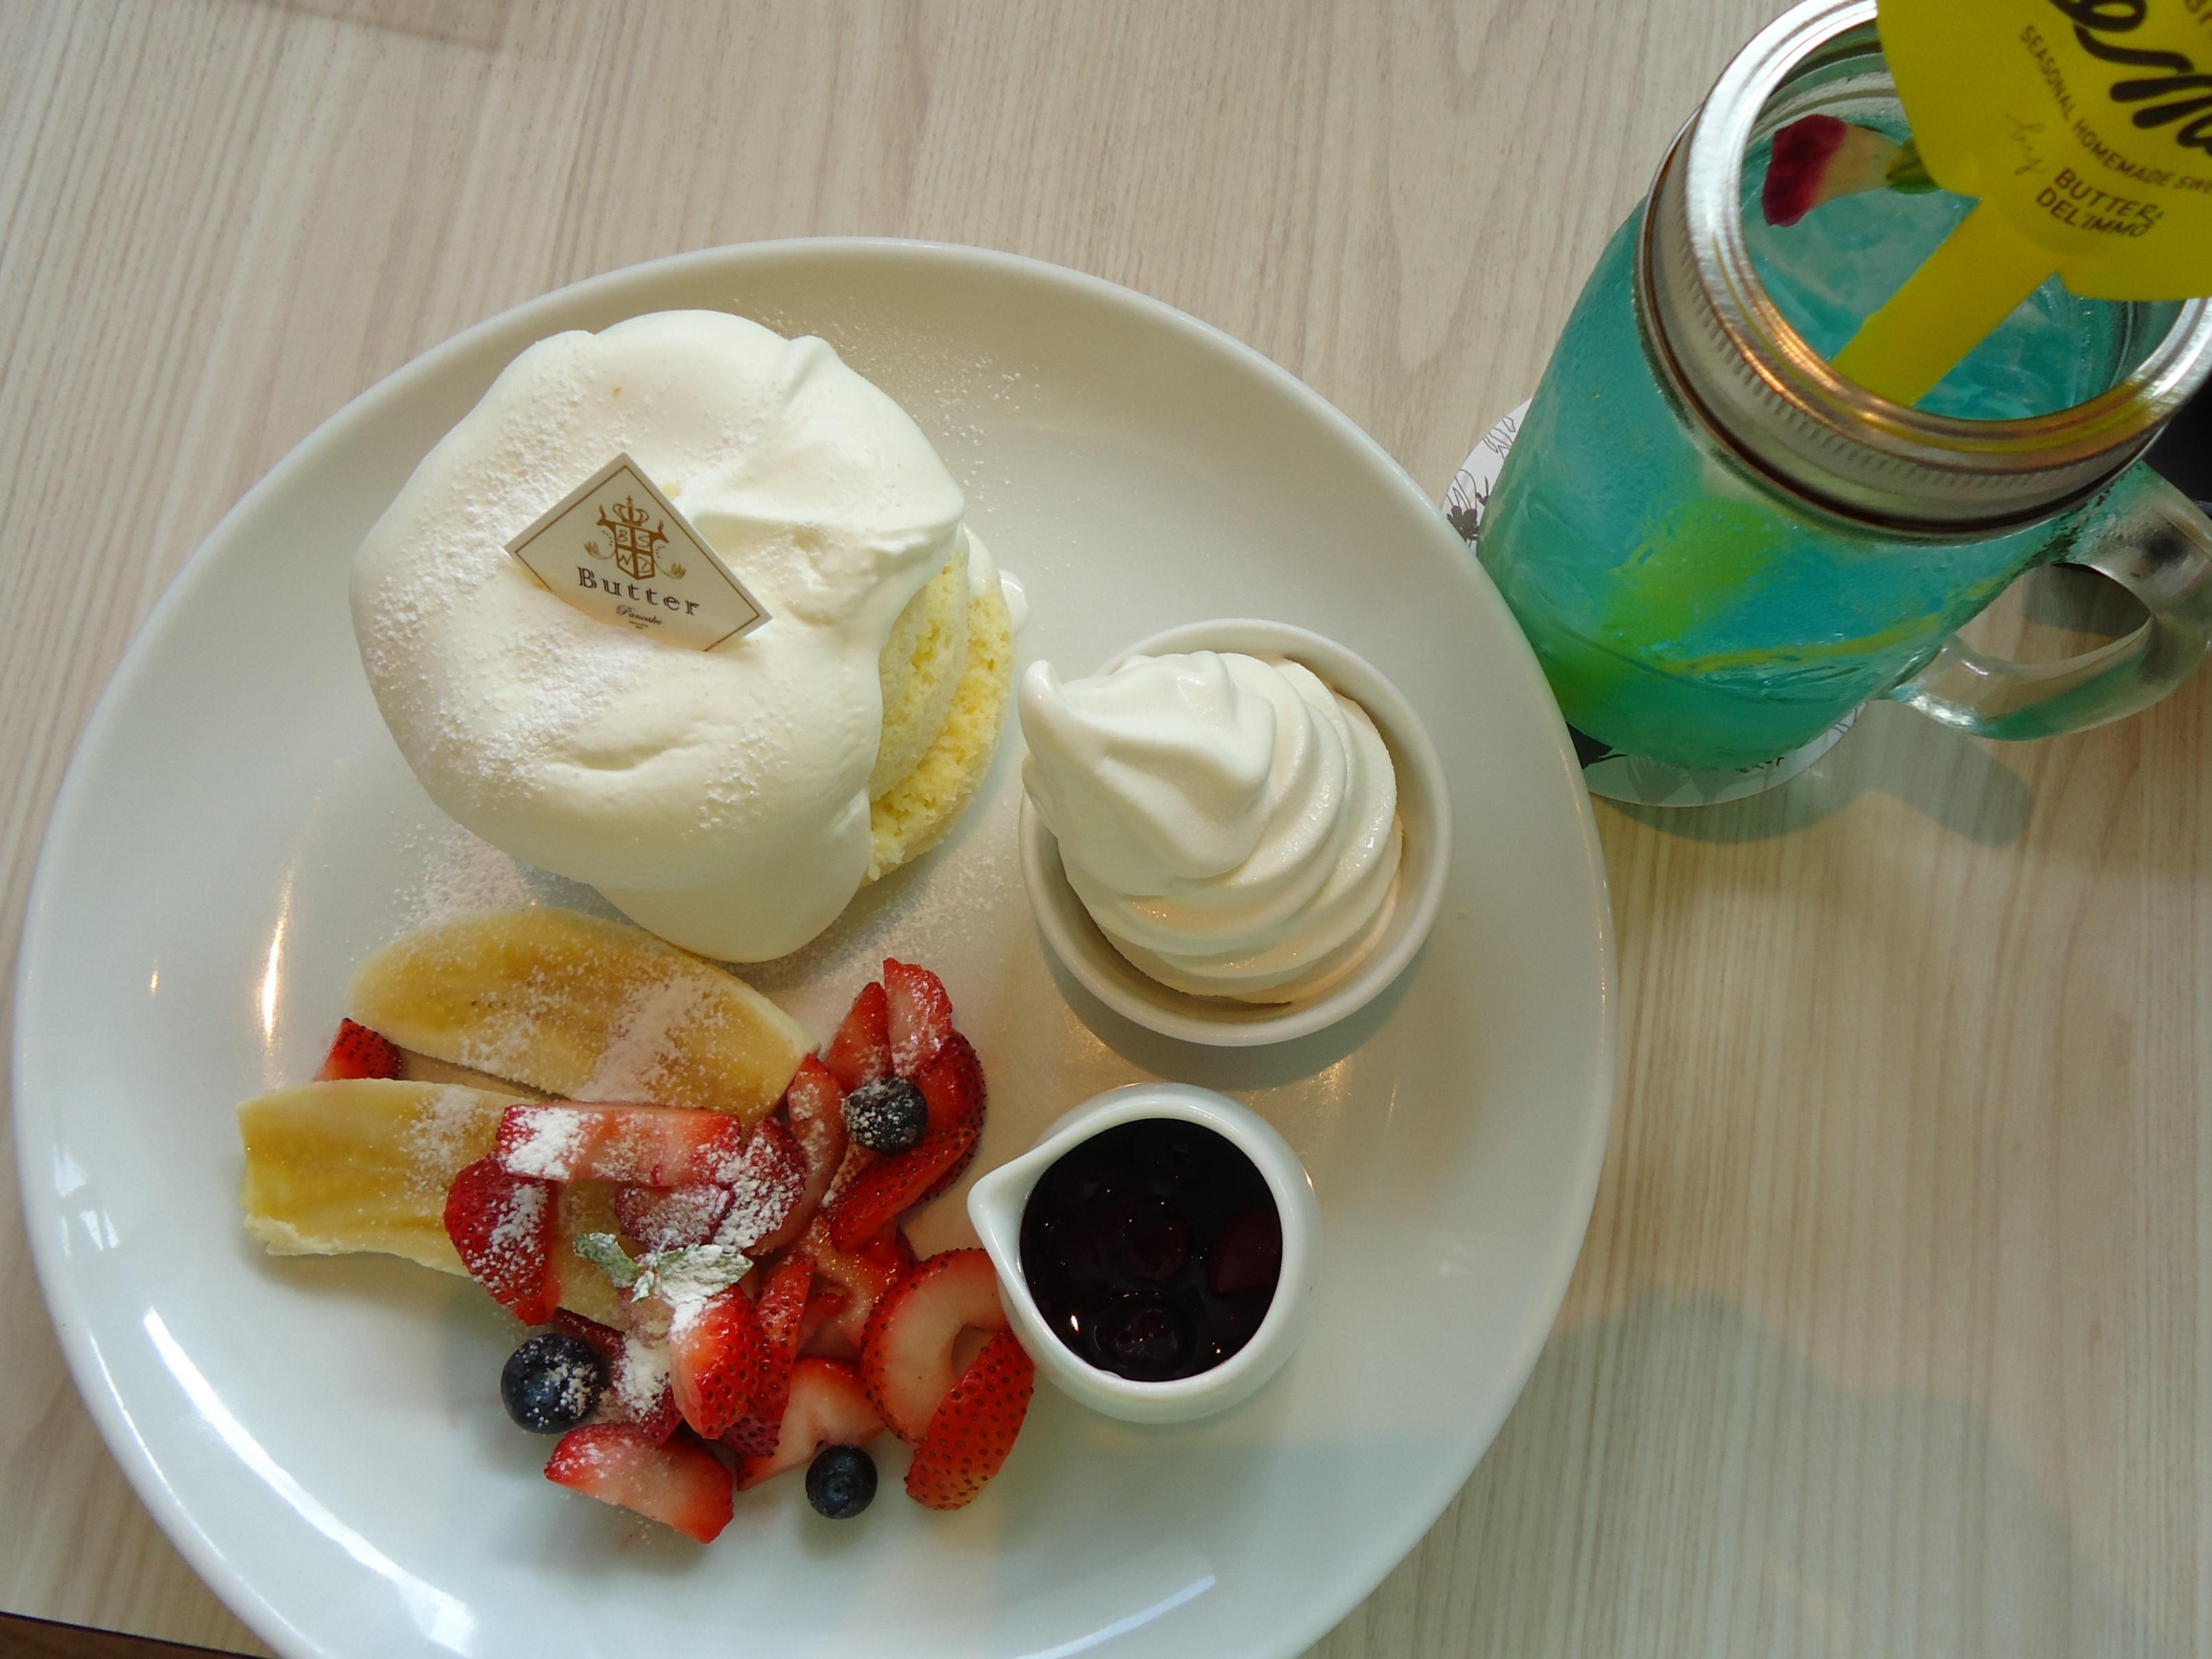 パンケーキ専門店Butter☆ふわっふわ食感&リゾート気分を楽しむ